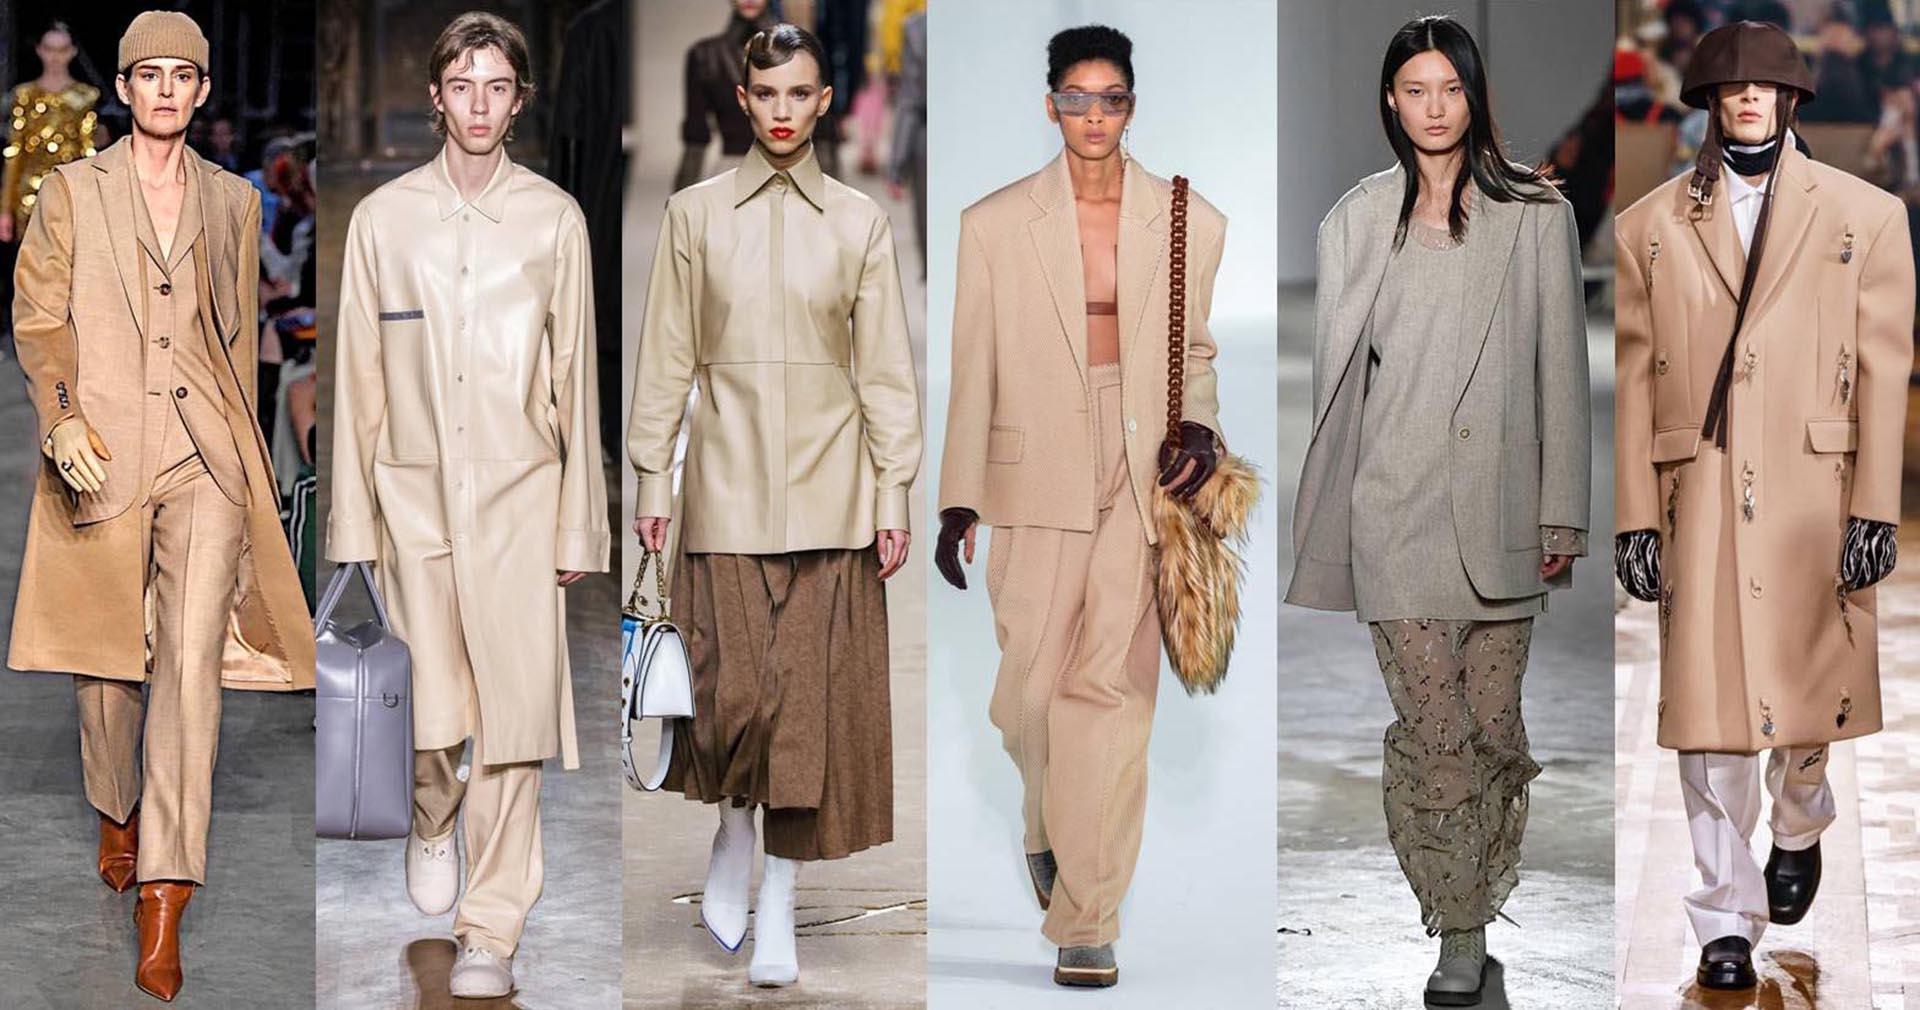 #PARA TI - COLOR - Moda - 03 - GENTILEZA INTI